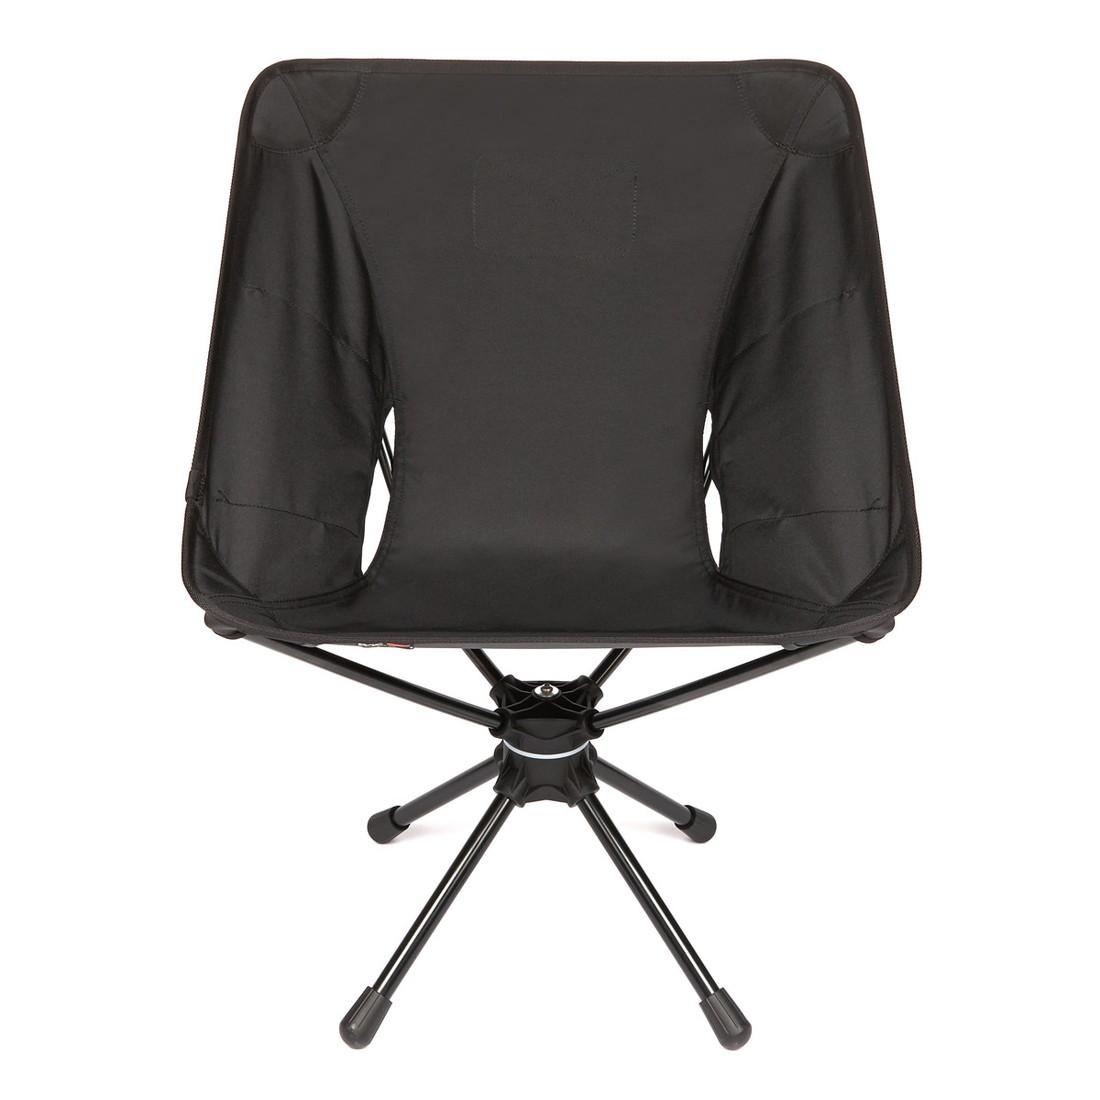 ヘリノックス スウィベルチェア 折りたたみ椅子チェアー  国内正規品